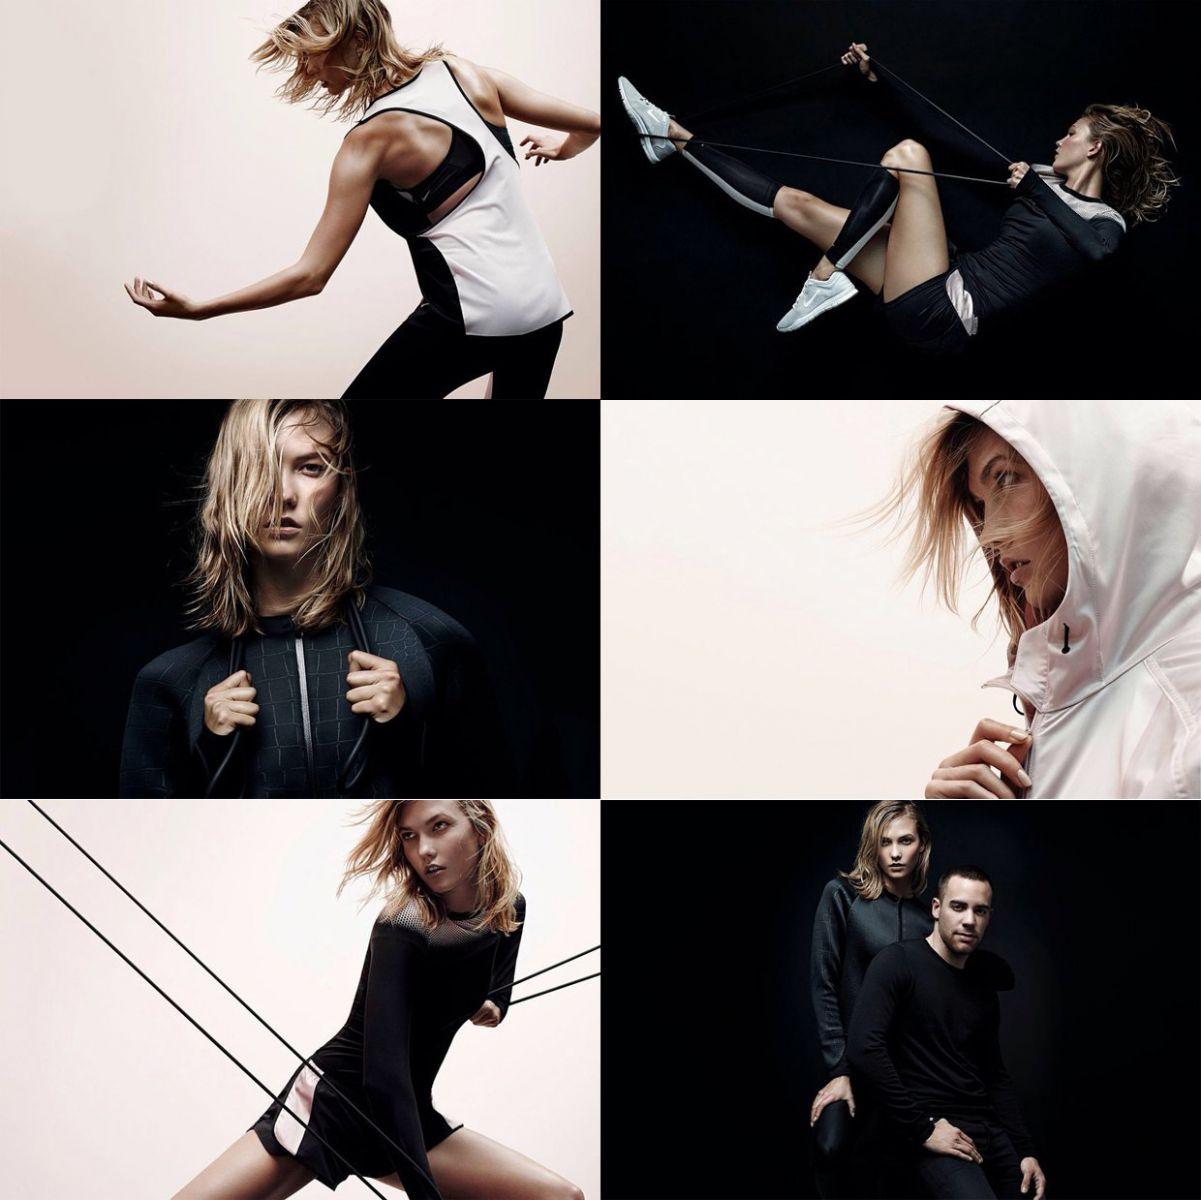 Новые коллаборации: с кем сотрудничают Topshop. Nike и adidas Originals - фото №3